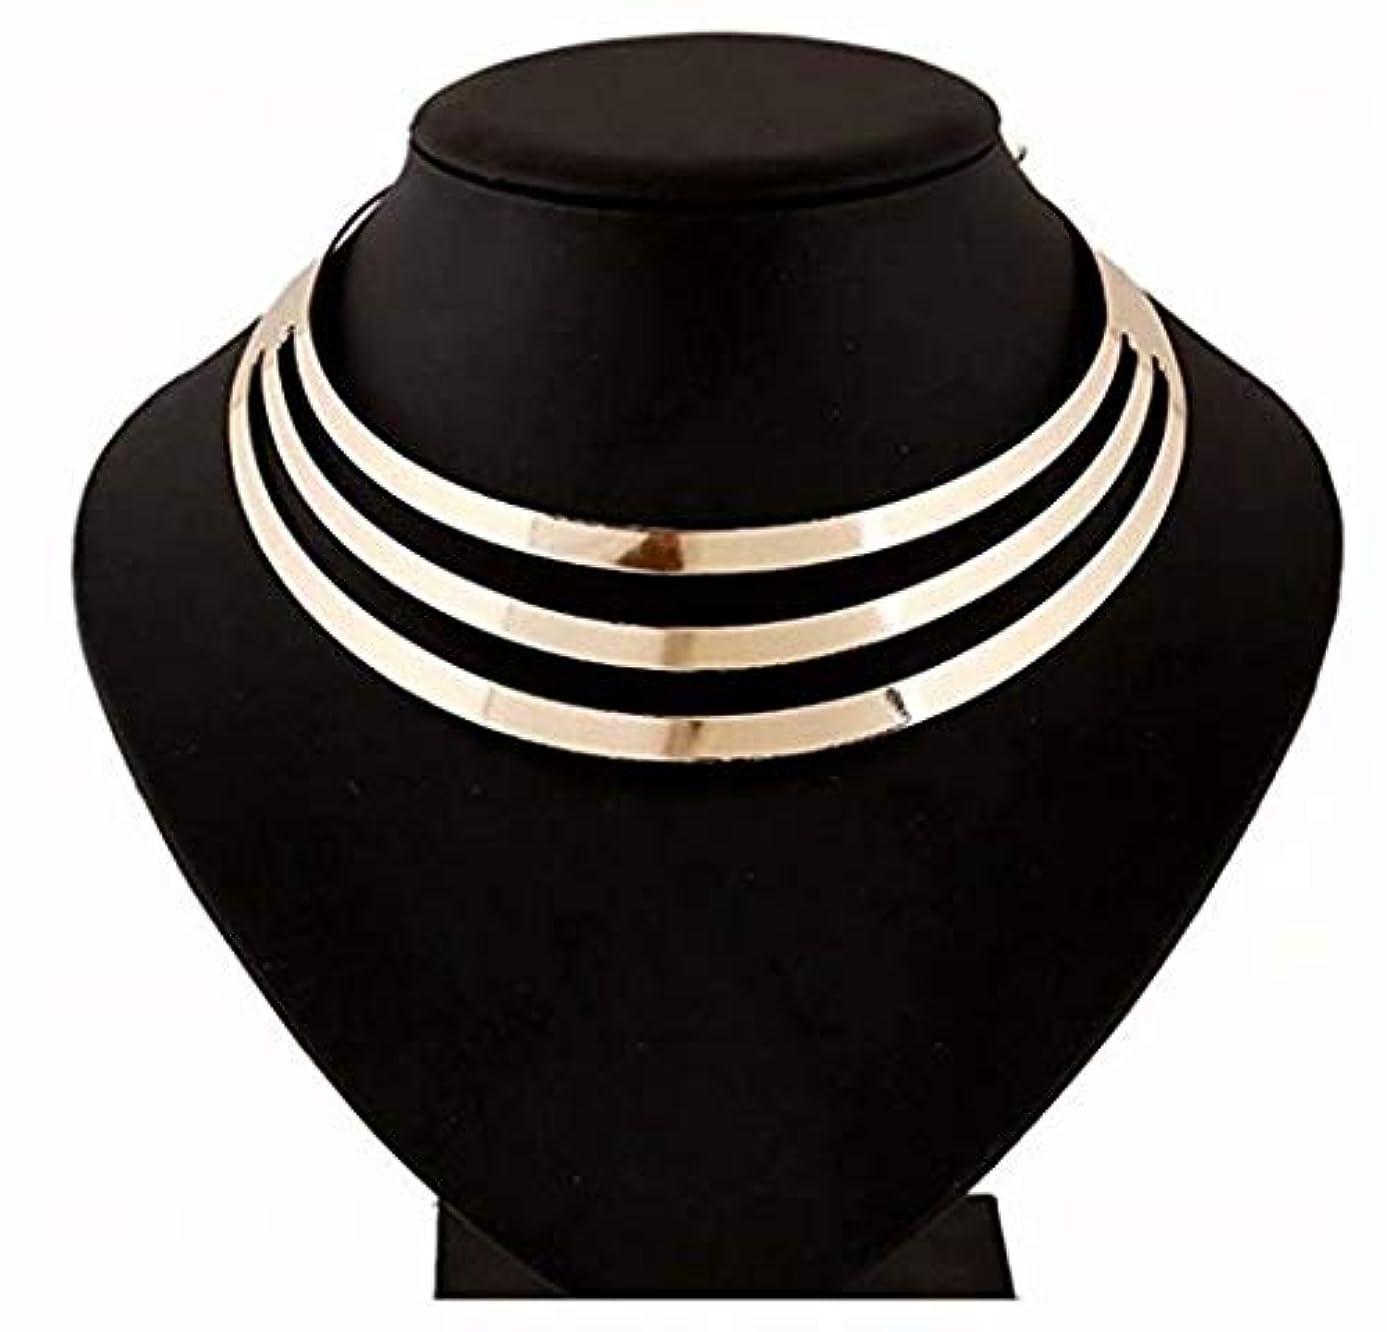 告白するアリつまらない七里の香 ペンダントネックレス 3 多層半円のペンダント 亜鉛合金チェーンネックレス ファッション 女性 -ゴールド